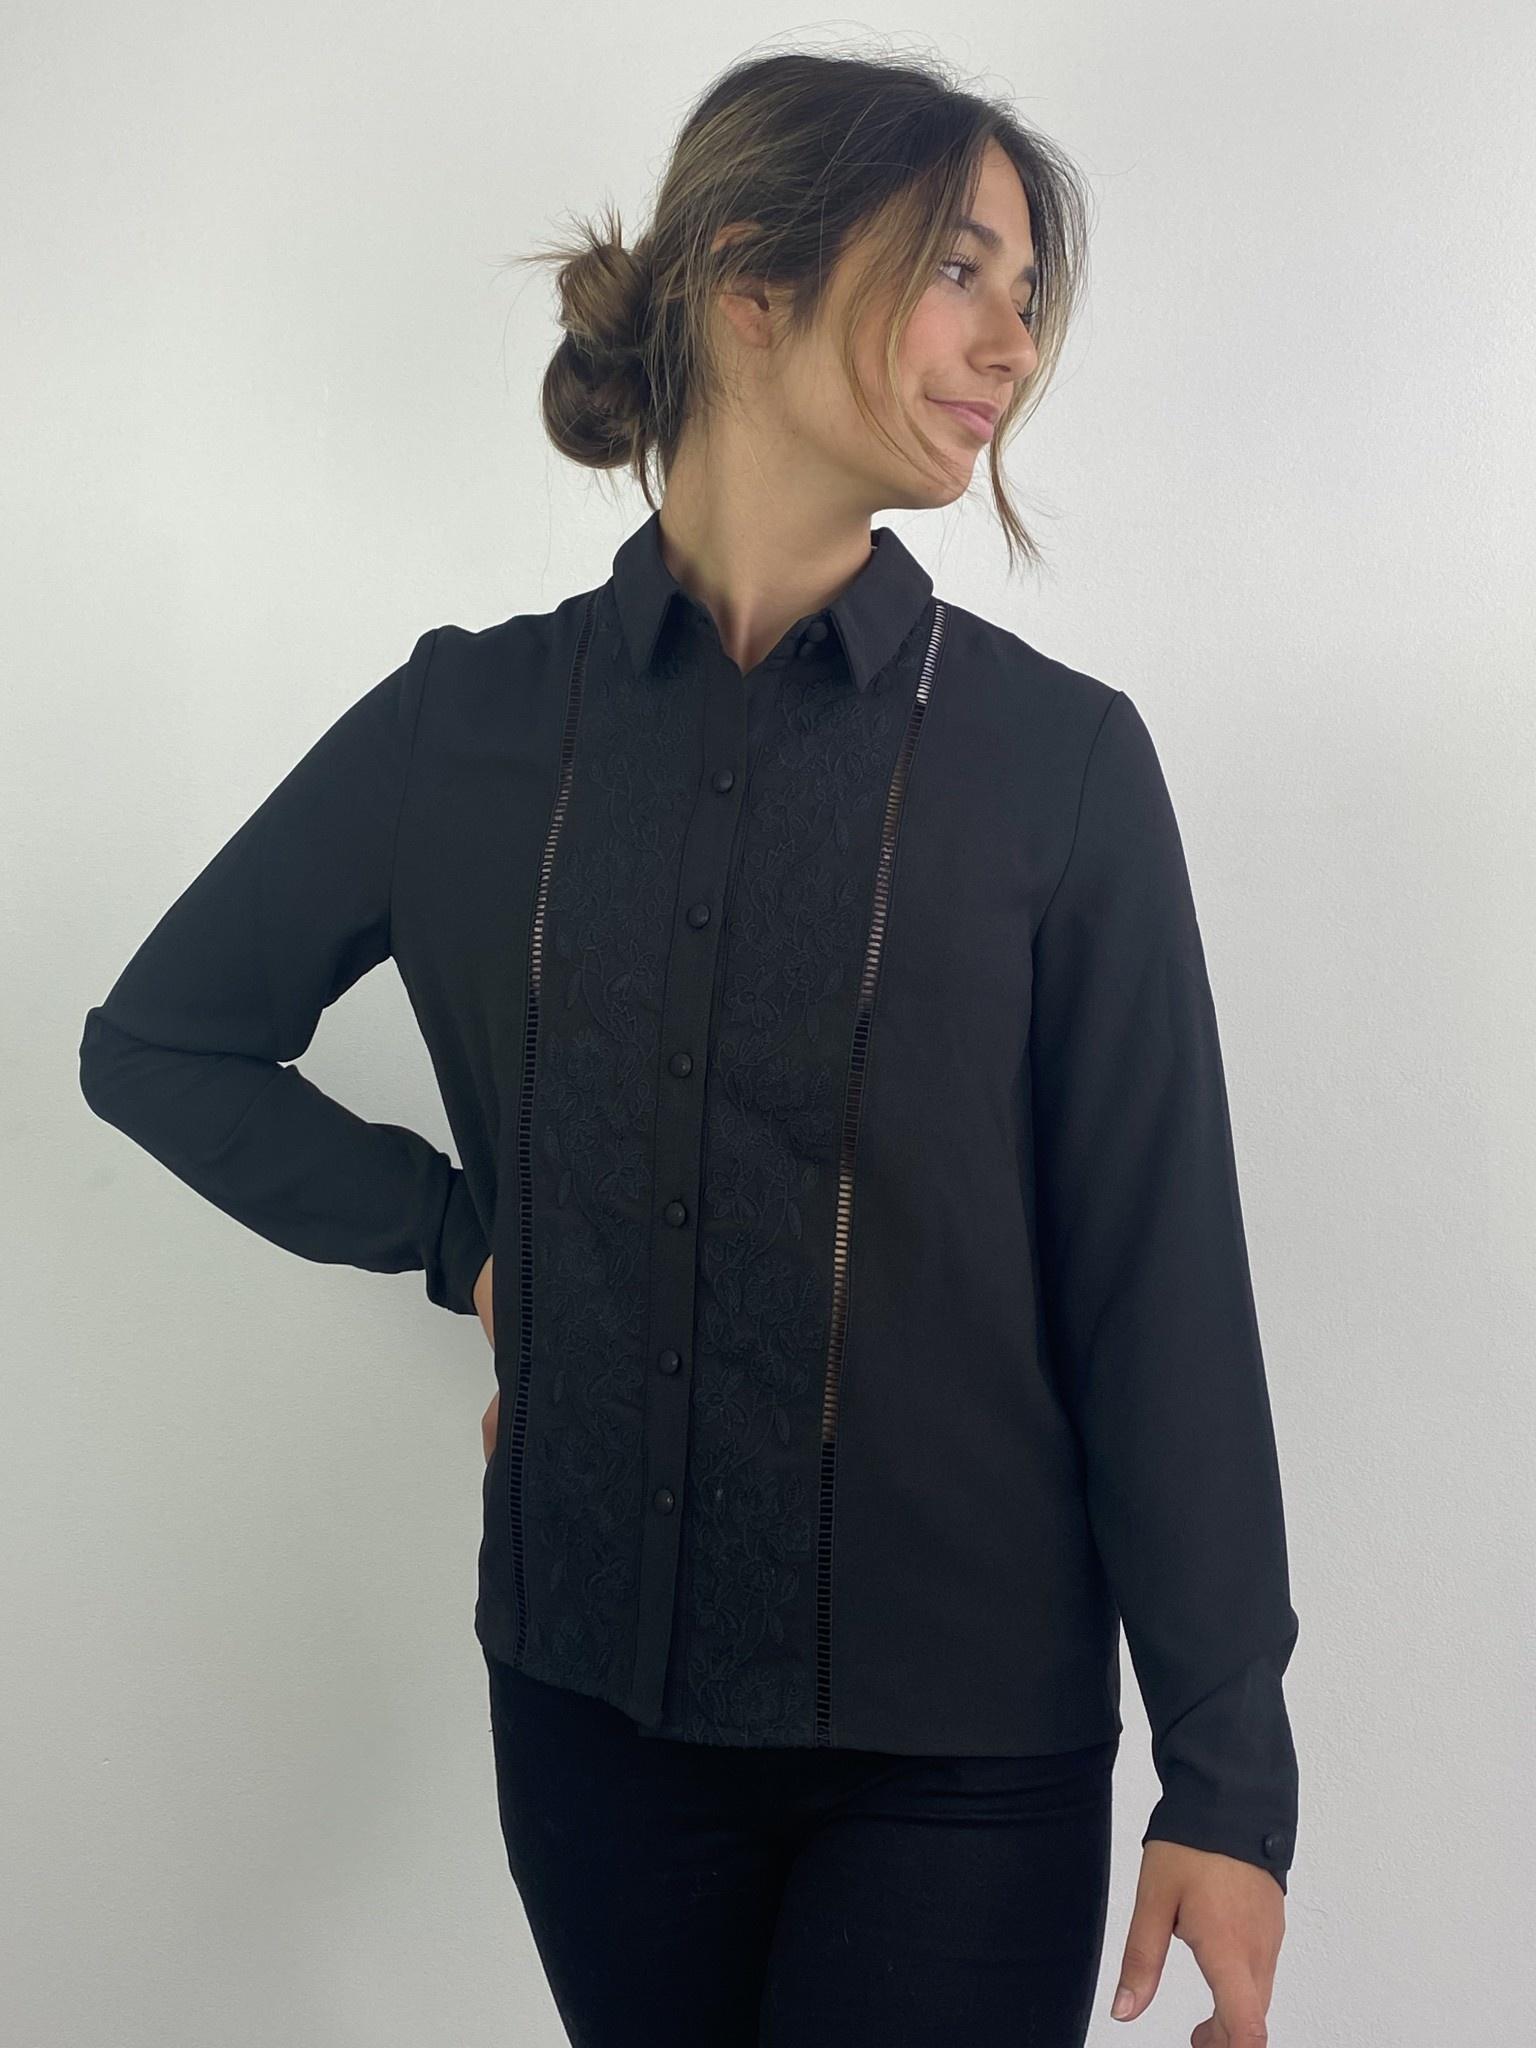 Tasmin broderie blouse Black-1